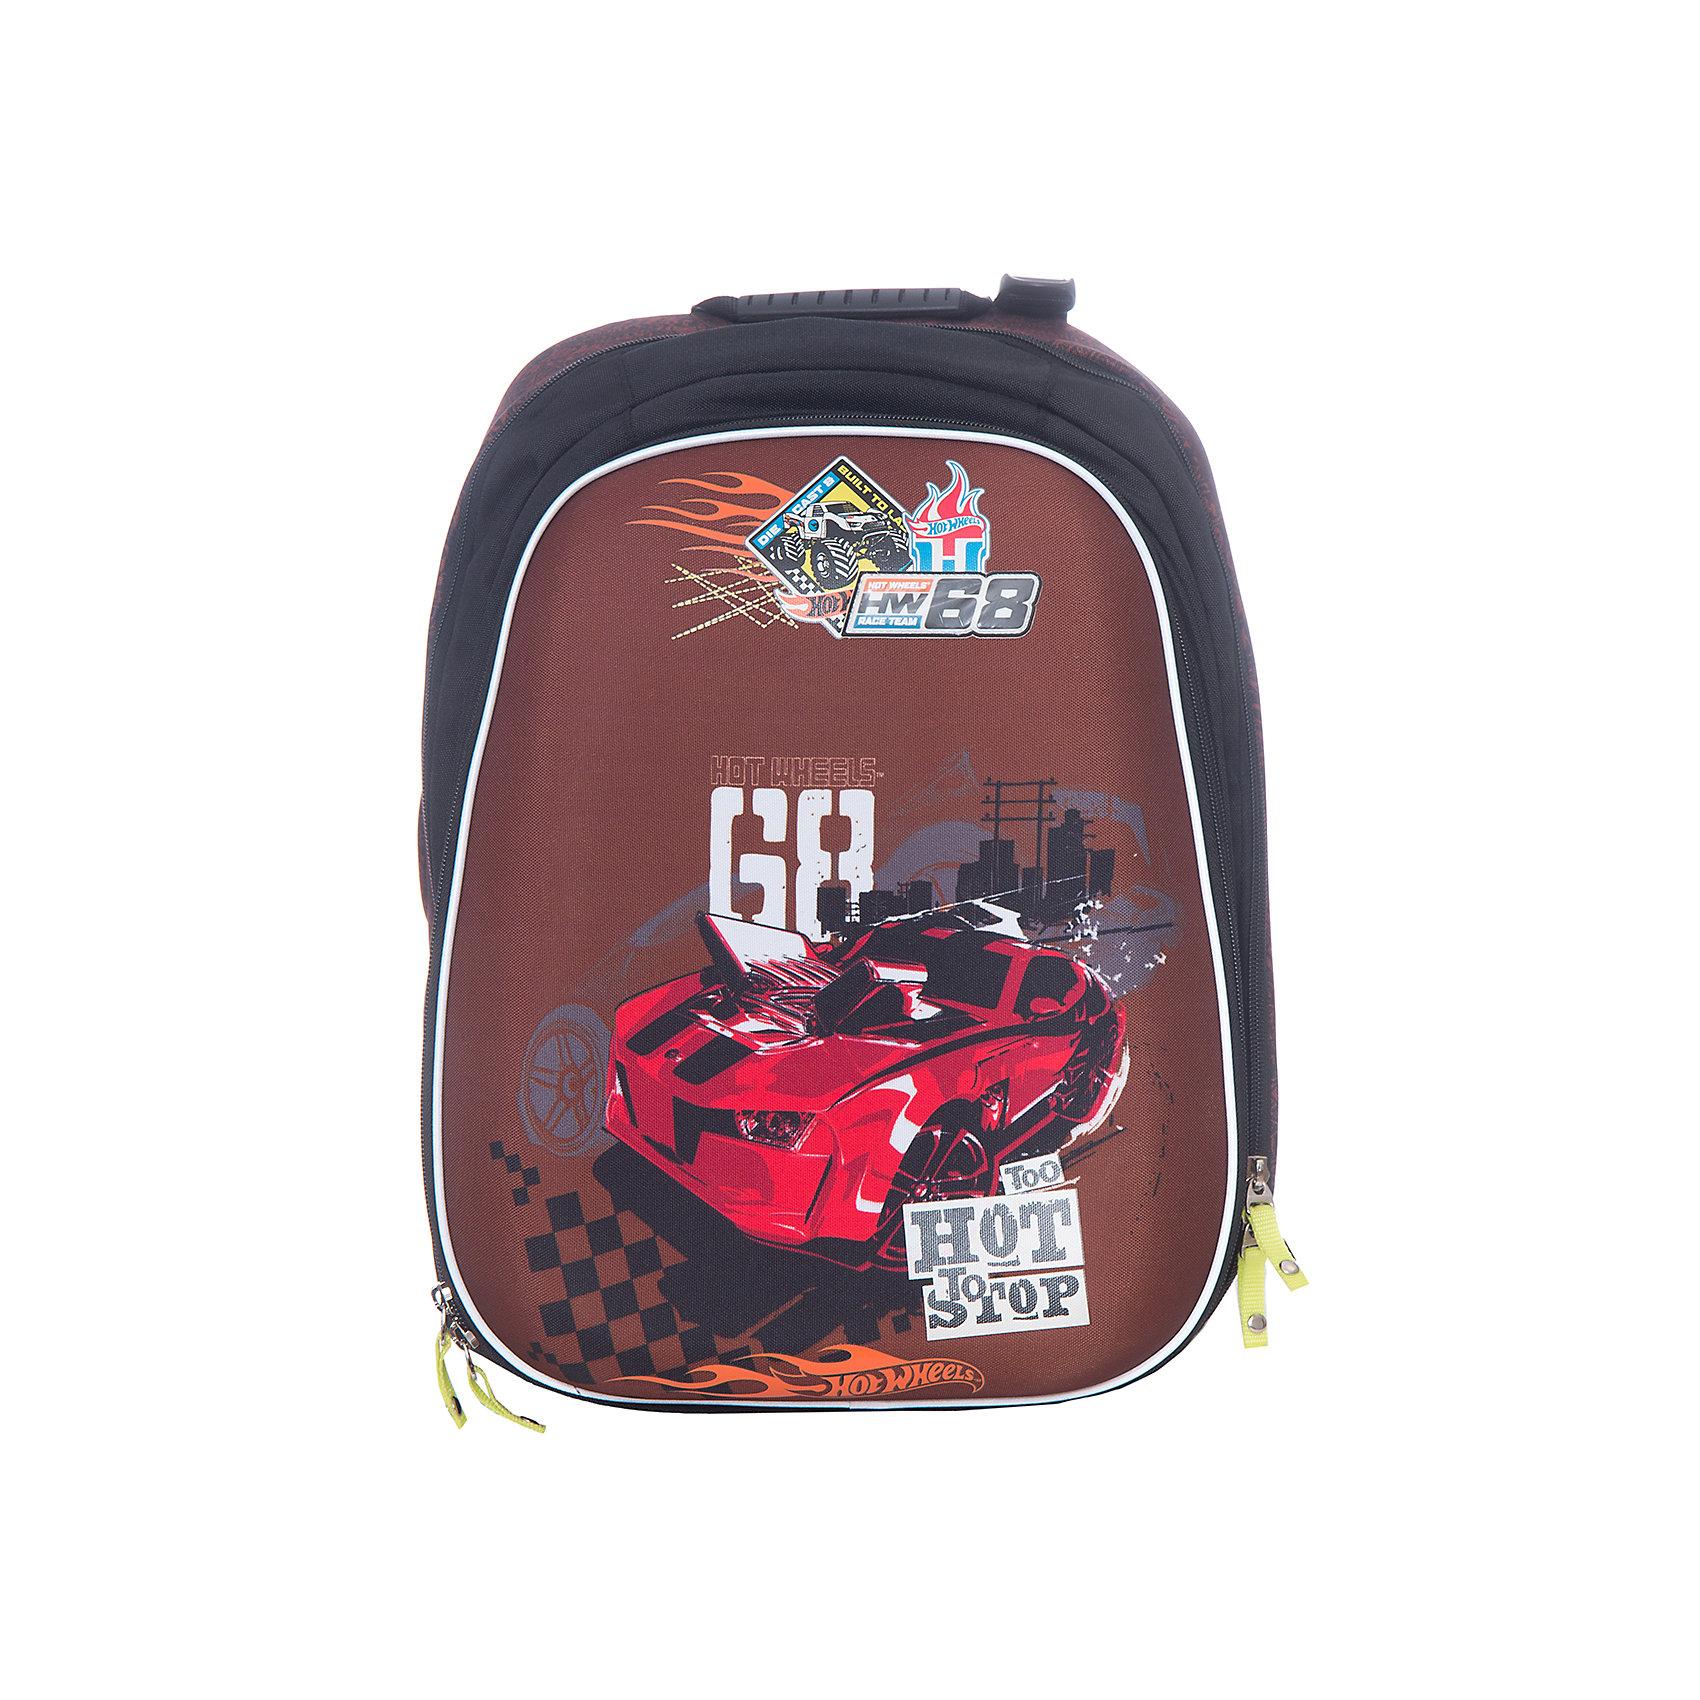 Mattel Рюкзак с эргономичной спинкой Hot Wheels Racing ( модель Com.Pack )Hot Wheels<br><br><br>Ширина мм: 400<br>Глубина мм: 280<br>Высота мм: 170<br>Вес г: 1327<br>Возраст от месяцев: 108<br>Возраст до месяцев: 132<br>Пол: Мужской<br>Возраст: Детский<br>SKU: 6878889